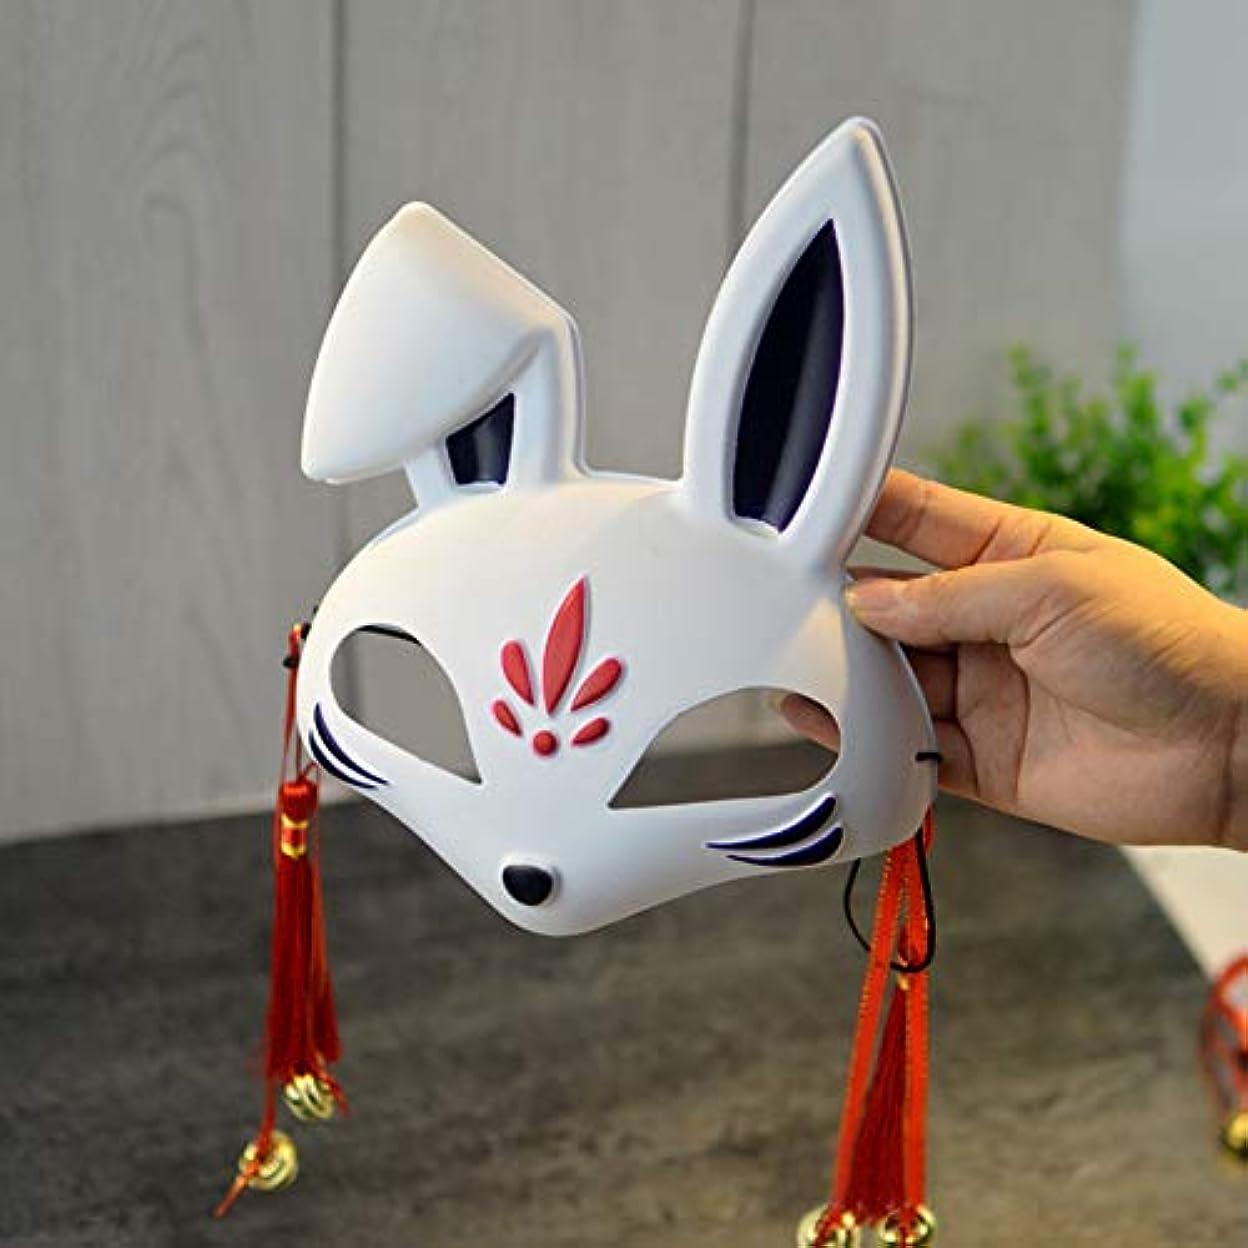 ぶどう確率素子Esolom うさぎマスク 半顔 ロールプレイングマスク ハロウィーン仮装衣装 PVCストリートダンスマスク 手描きのマスク 仮面舞踏会マスク